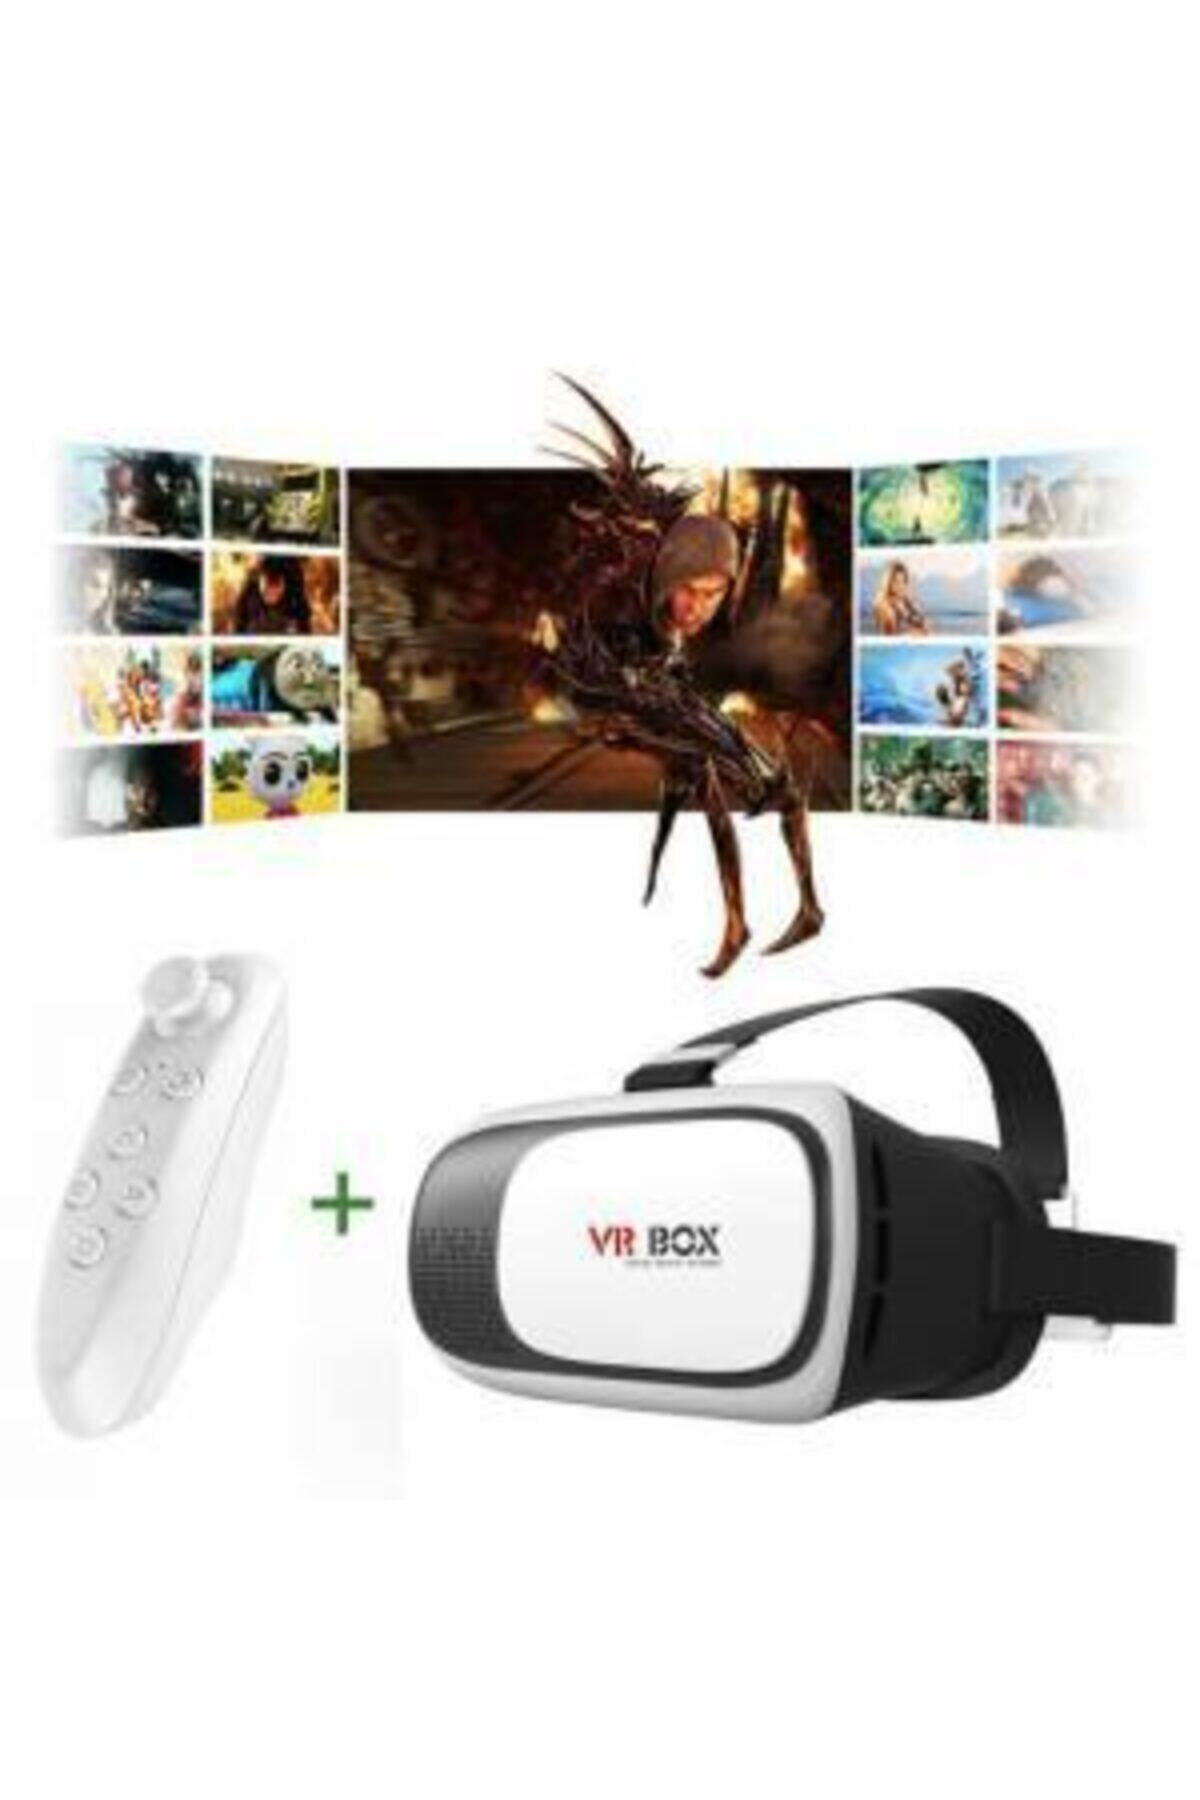 VR BOX Teknomarketim Vr Kumandalı Sanal Gerçeklik Gözlük Yeni Nesil 1